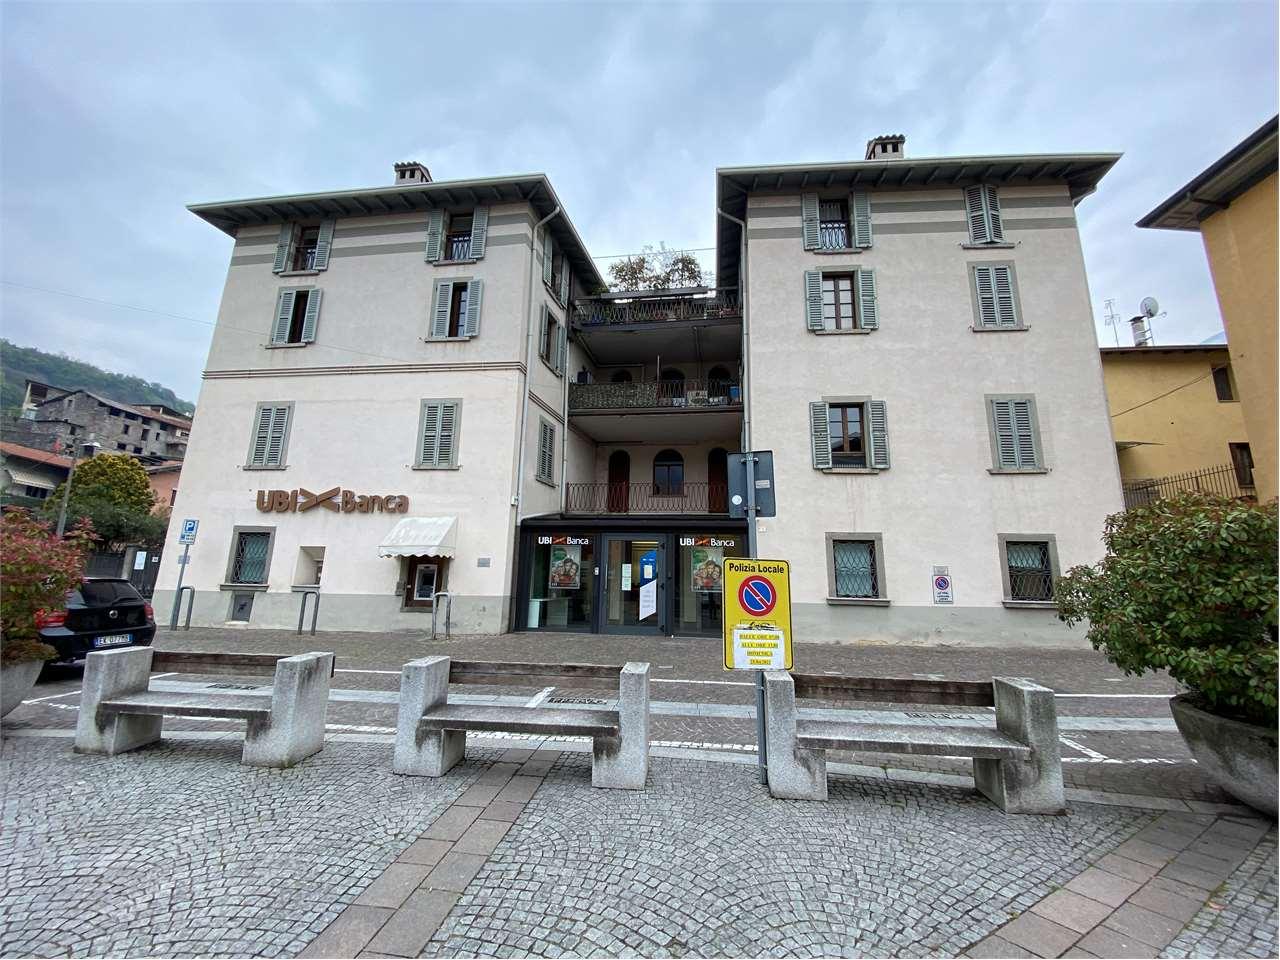 Ufficio / Studio in vendita a Esine, 3 locali, prezzo € 69.000 | CambioCasa.it